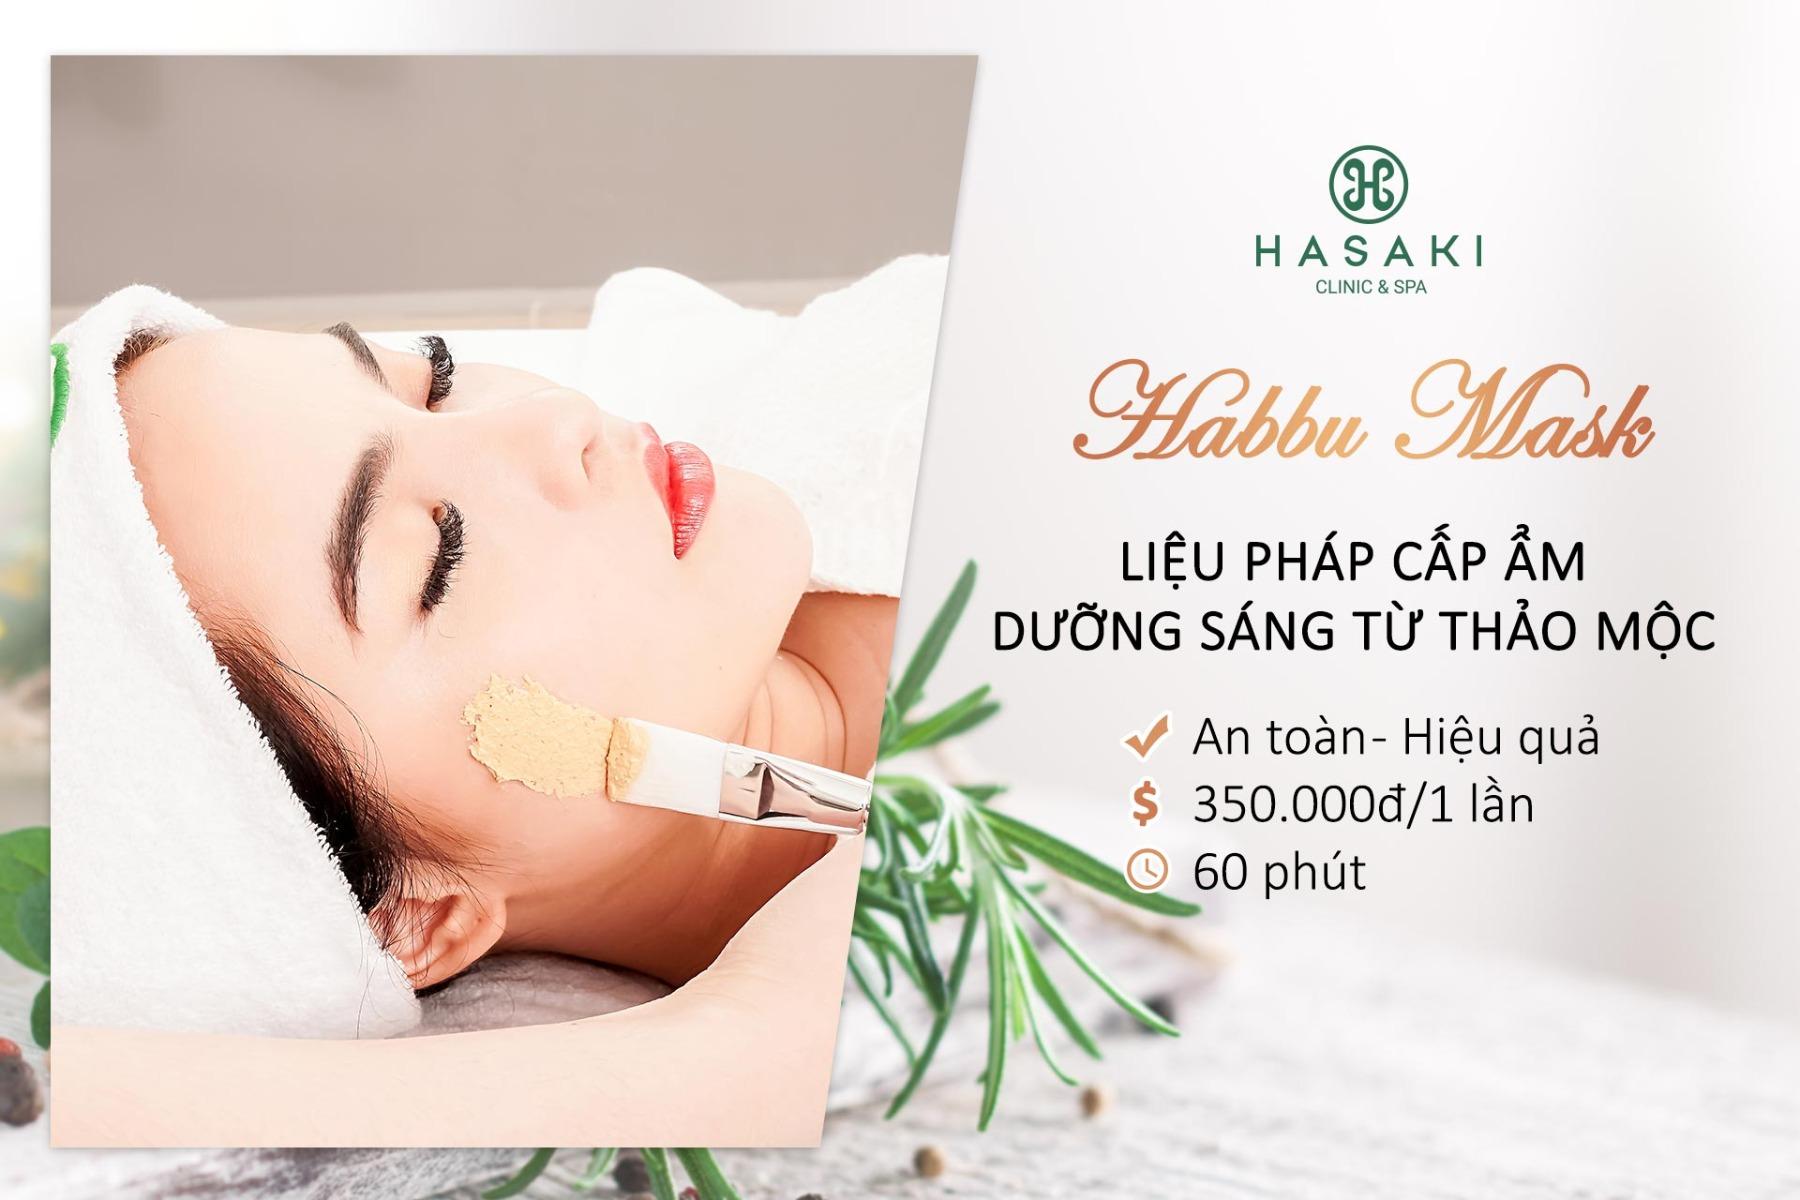 Chăm Sóc Da Mặt Với Thảo Mộc Habbu Habbu Facial Care